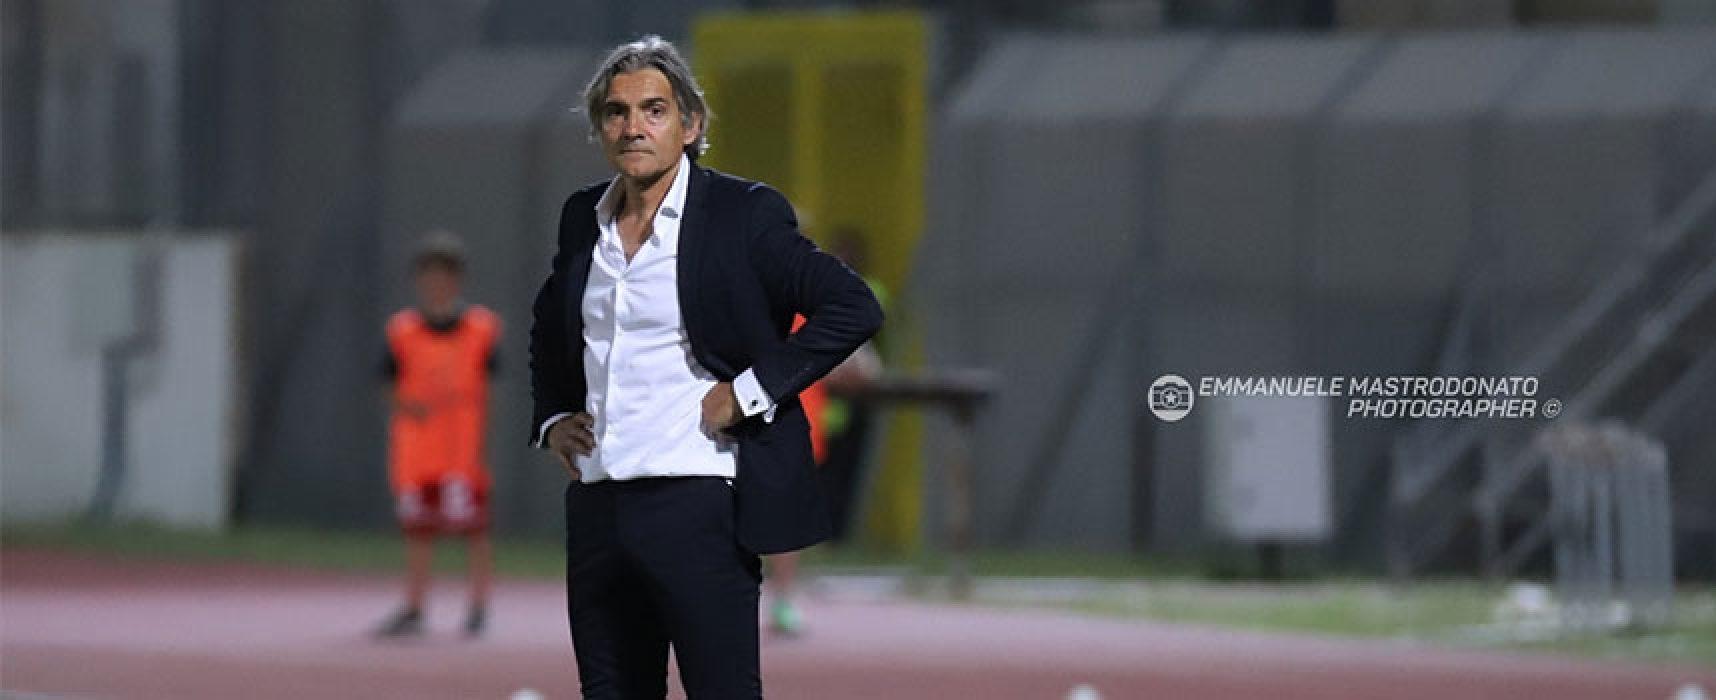 In attesa della serie C il Bisceglie Calcio conferma mister Vanoli